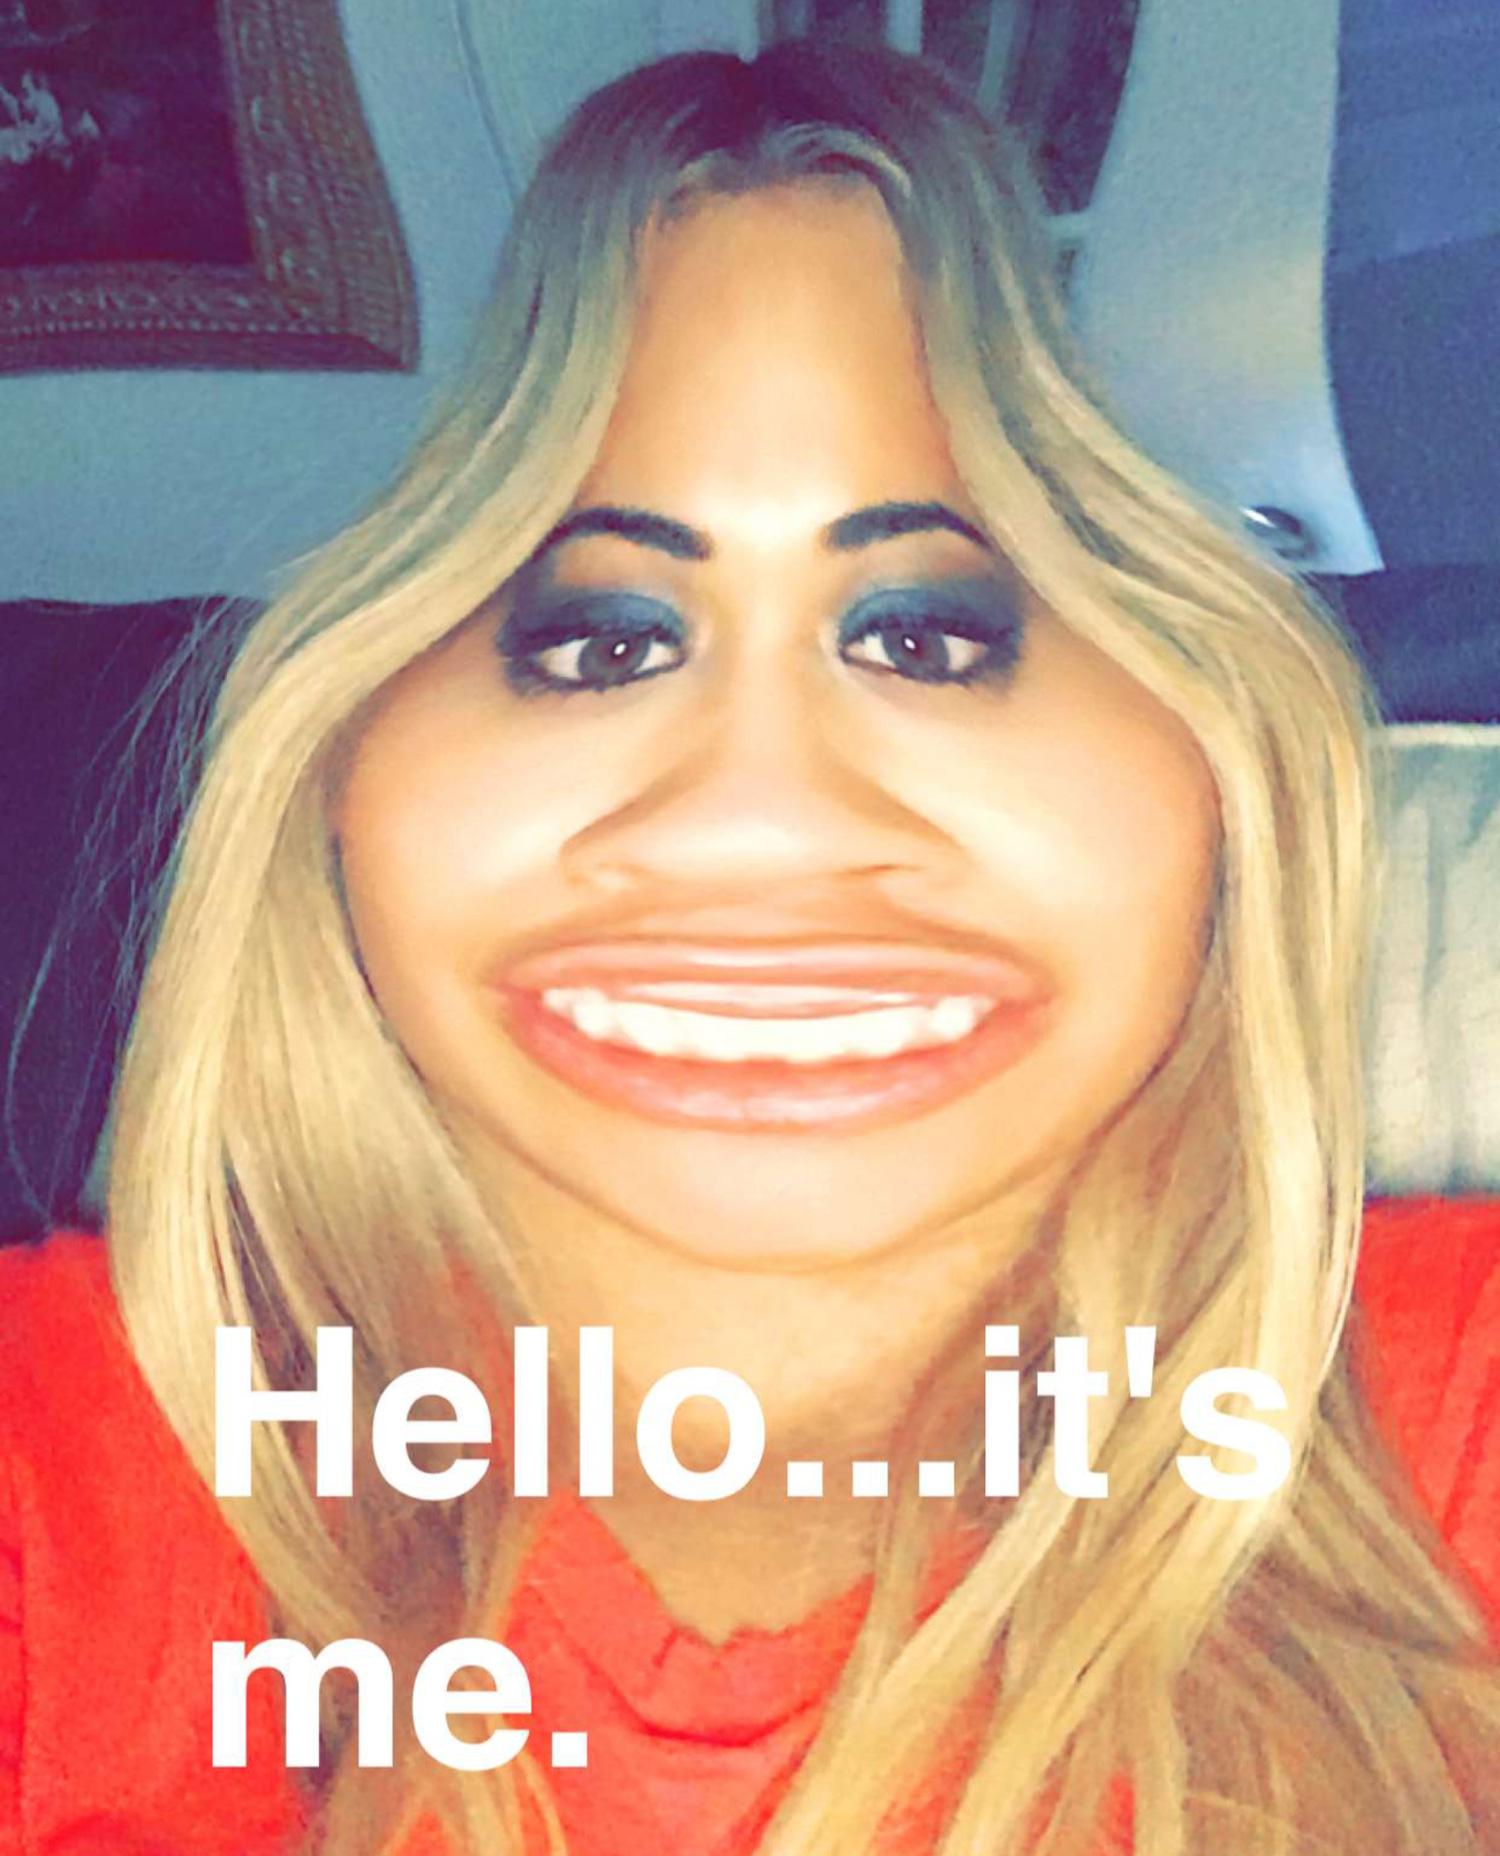 Rita Ora Snapchat Stretch